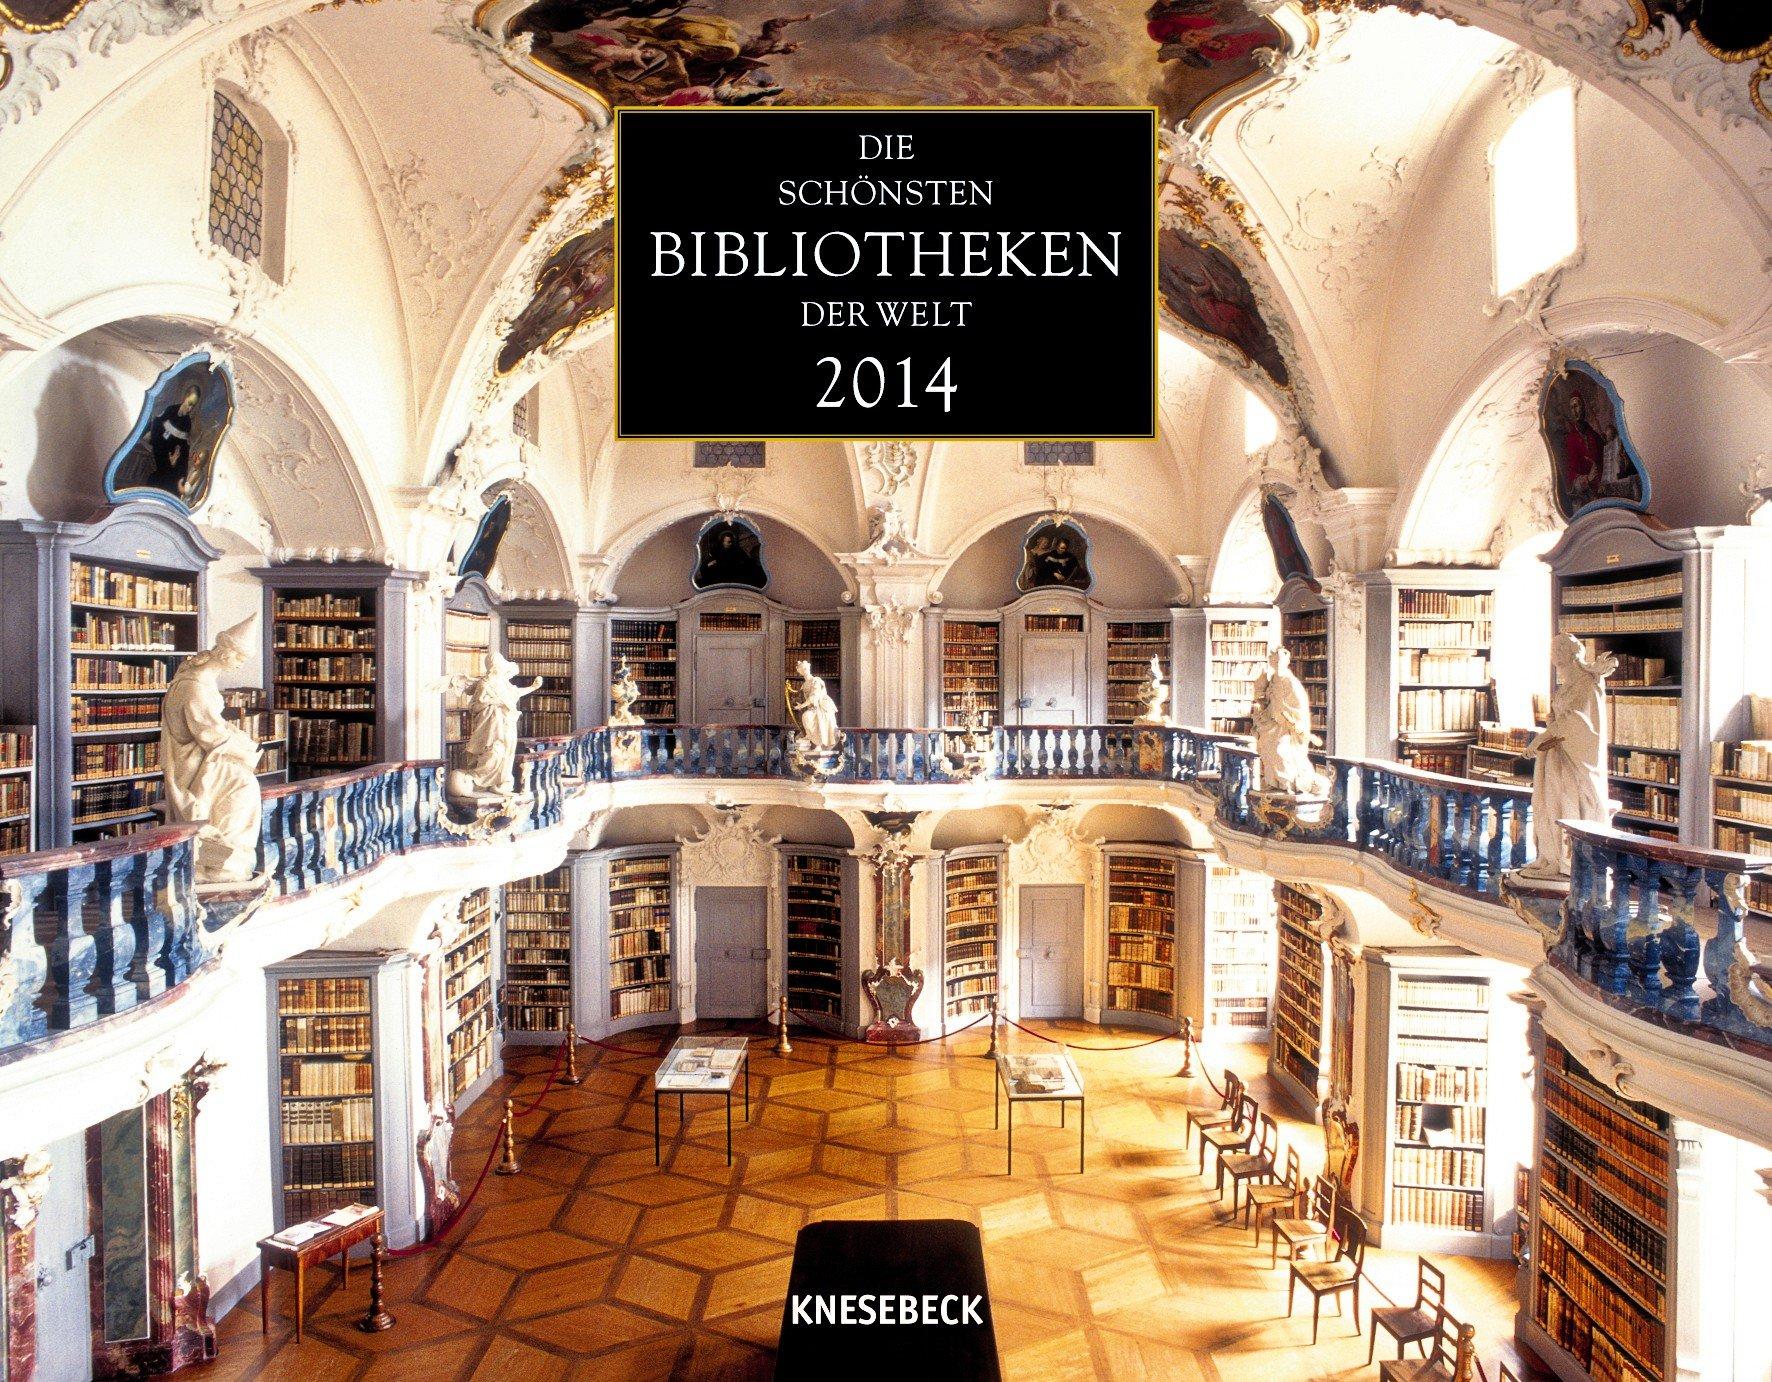 Die schönsten Bibliotheken der Welt 2014: Wandkalender